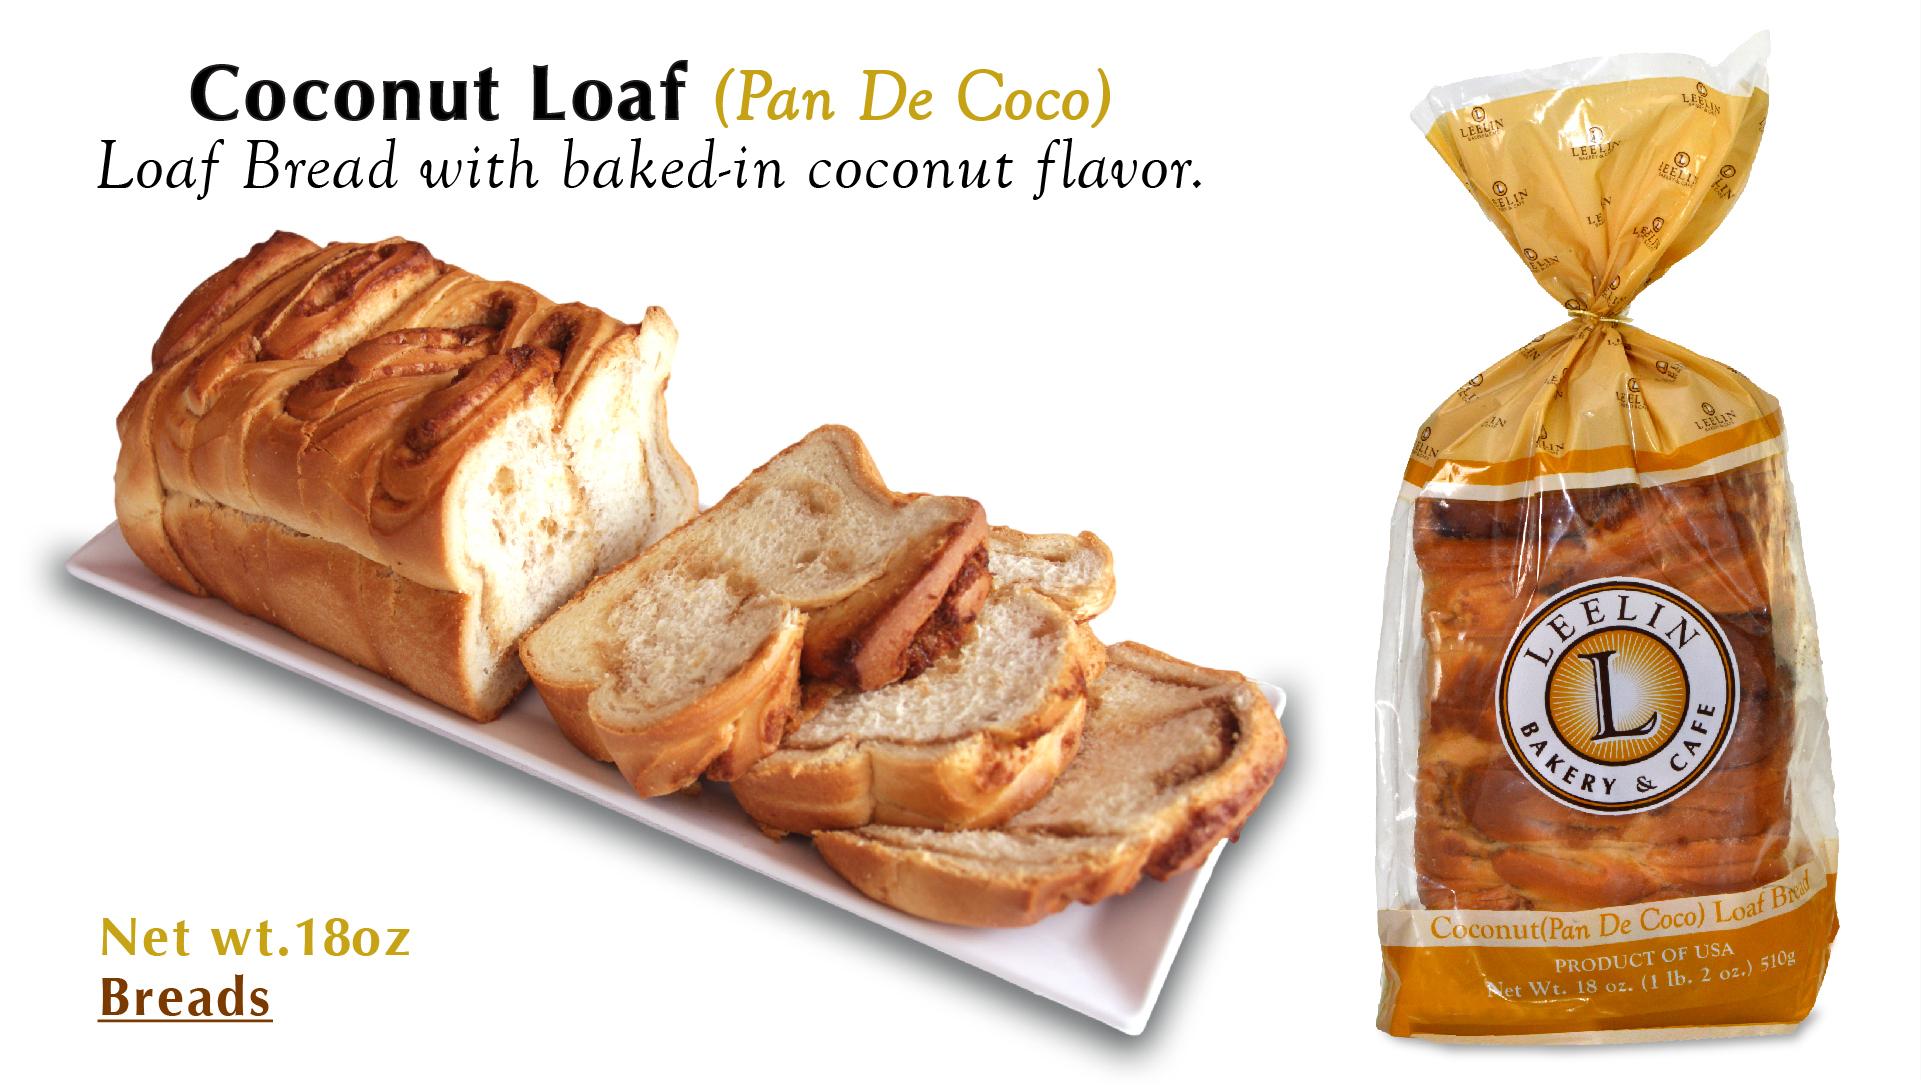 011 Pan de coco Loaf Bread 1920x1080.jpg